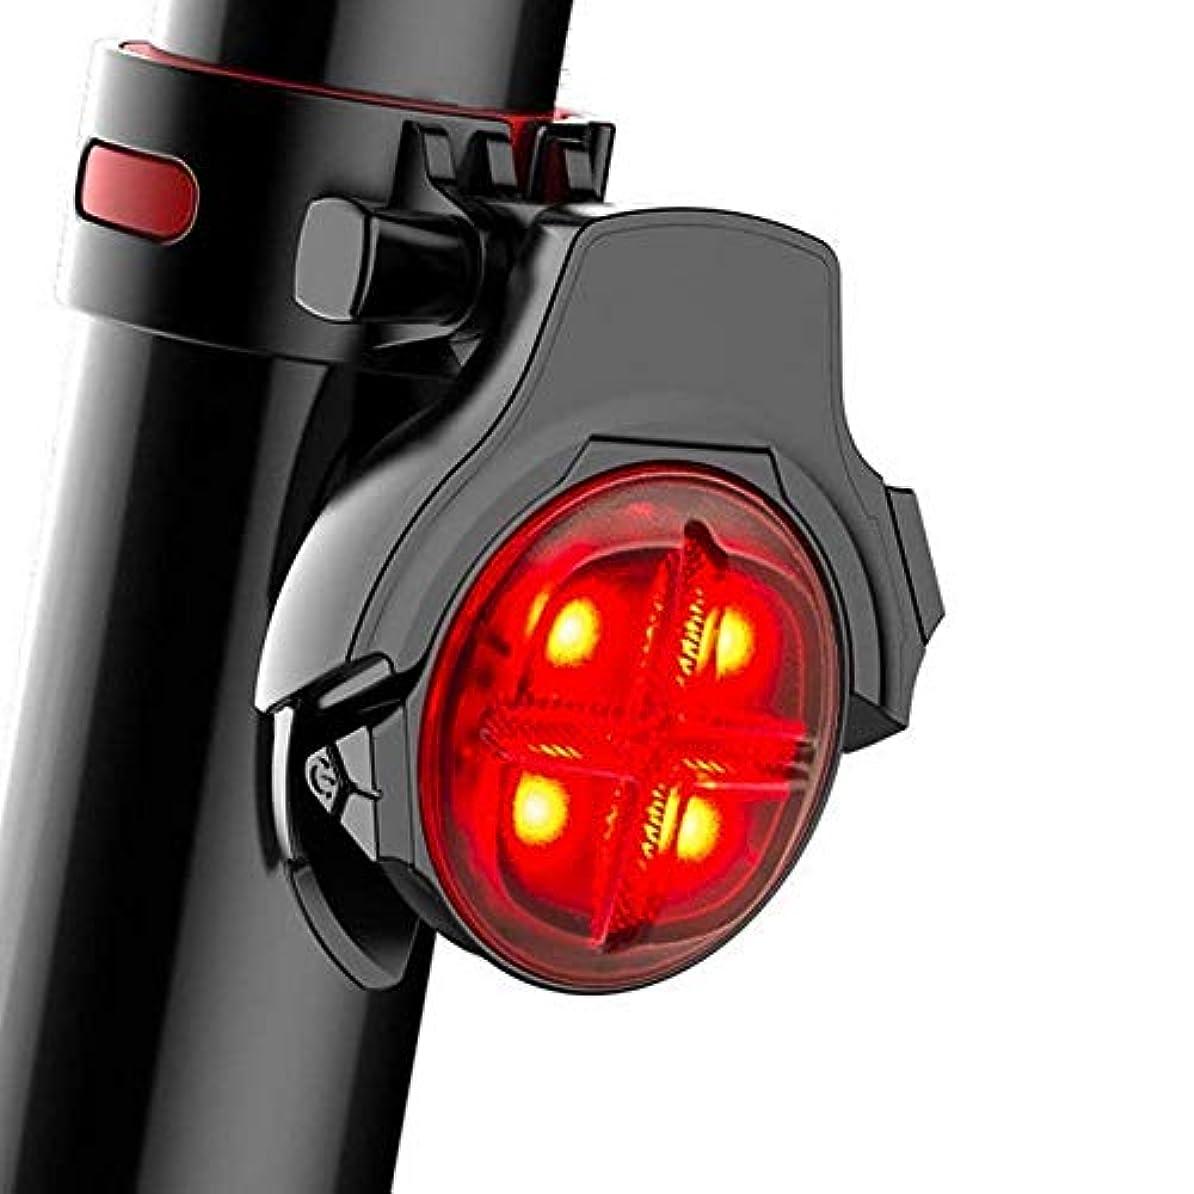 懺悔浸すロビーリア自転車ライトUSB充電式 - 強力なLED自転車リアライト - 超明るいと簡単に最適なサイクリングの安全のための赤いテールライトをインストールします充電式USB LED自転車リアライト